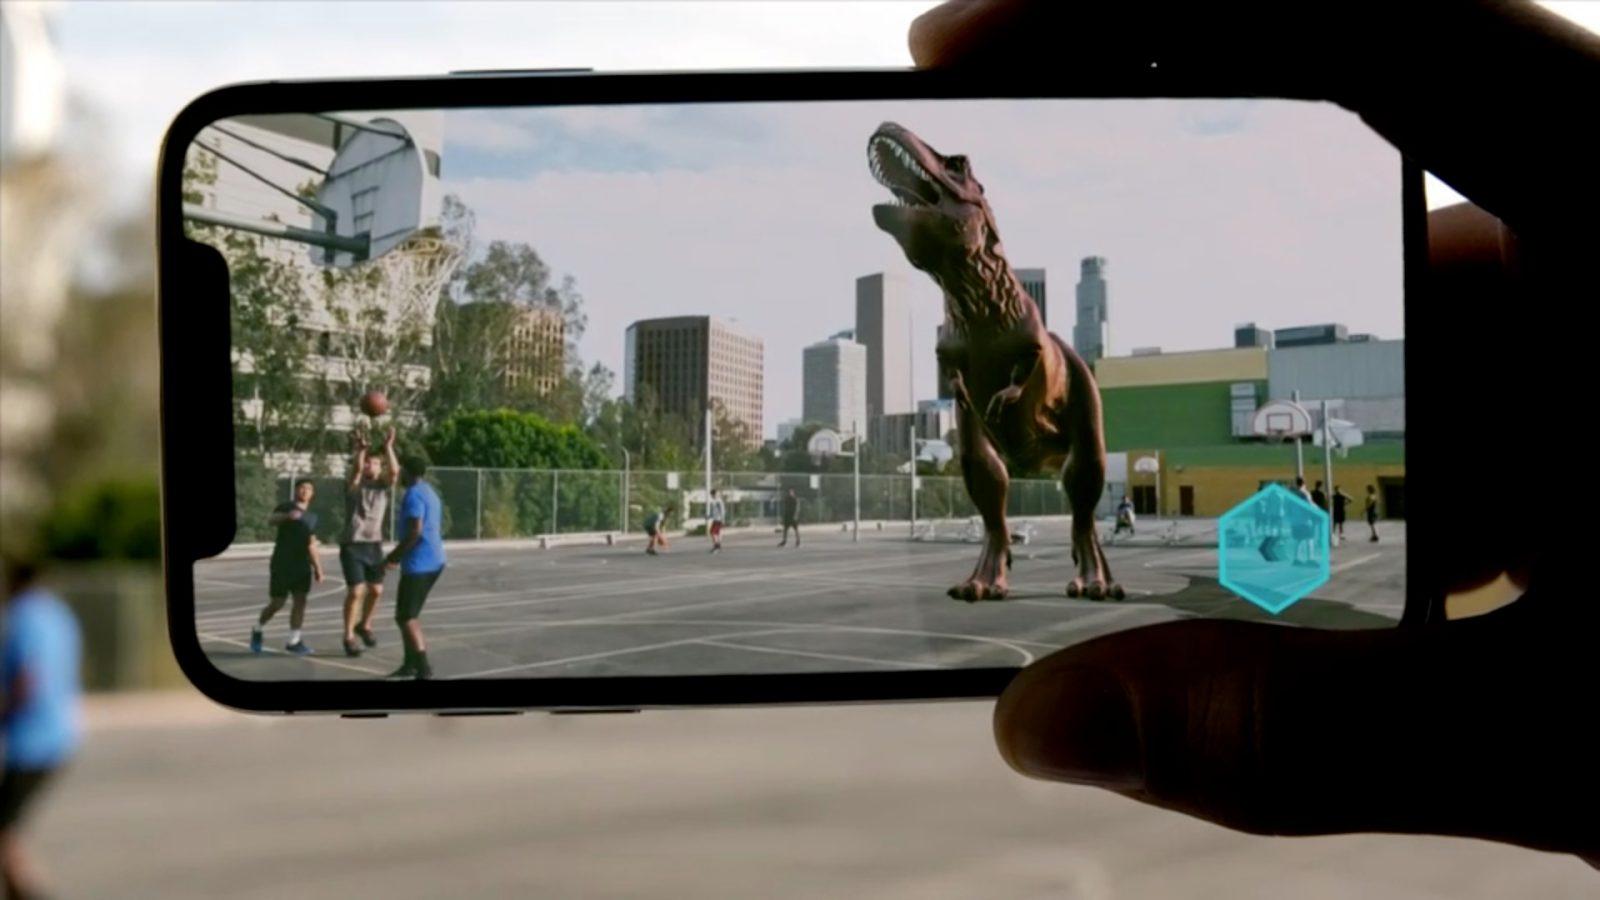 Обзор iOS 12_какая она сейчас и что ожидать в дальнейшем - динозавр на экране